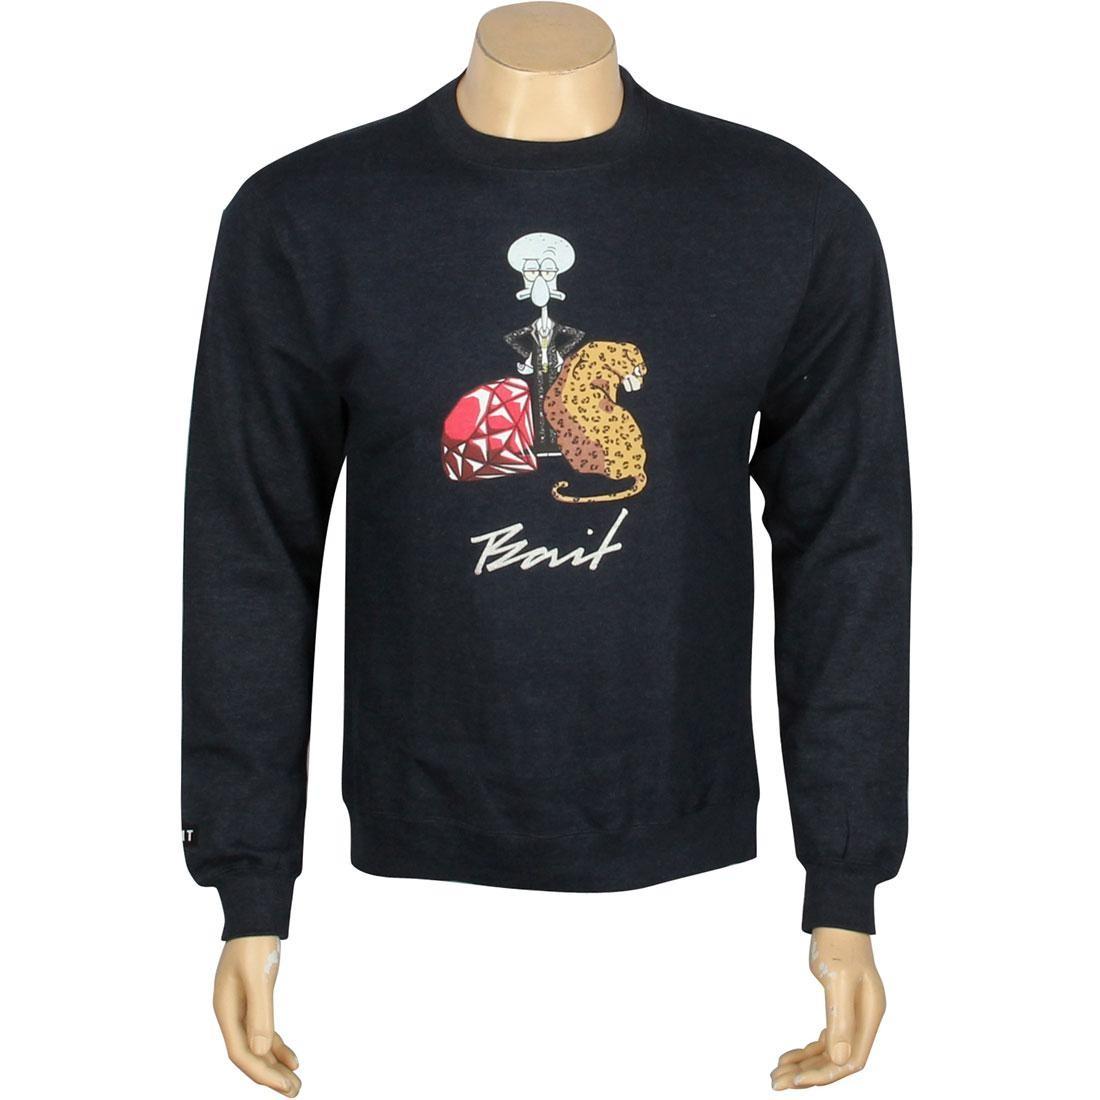 【NeaYearSALE1/1-1/5】【 BAIT X SPONGEBOB SQUIDWARD CREWNECK NAVY HEATHER 】 メンズファッション トップス Tシャツ カットソー 送料無料